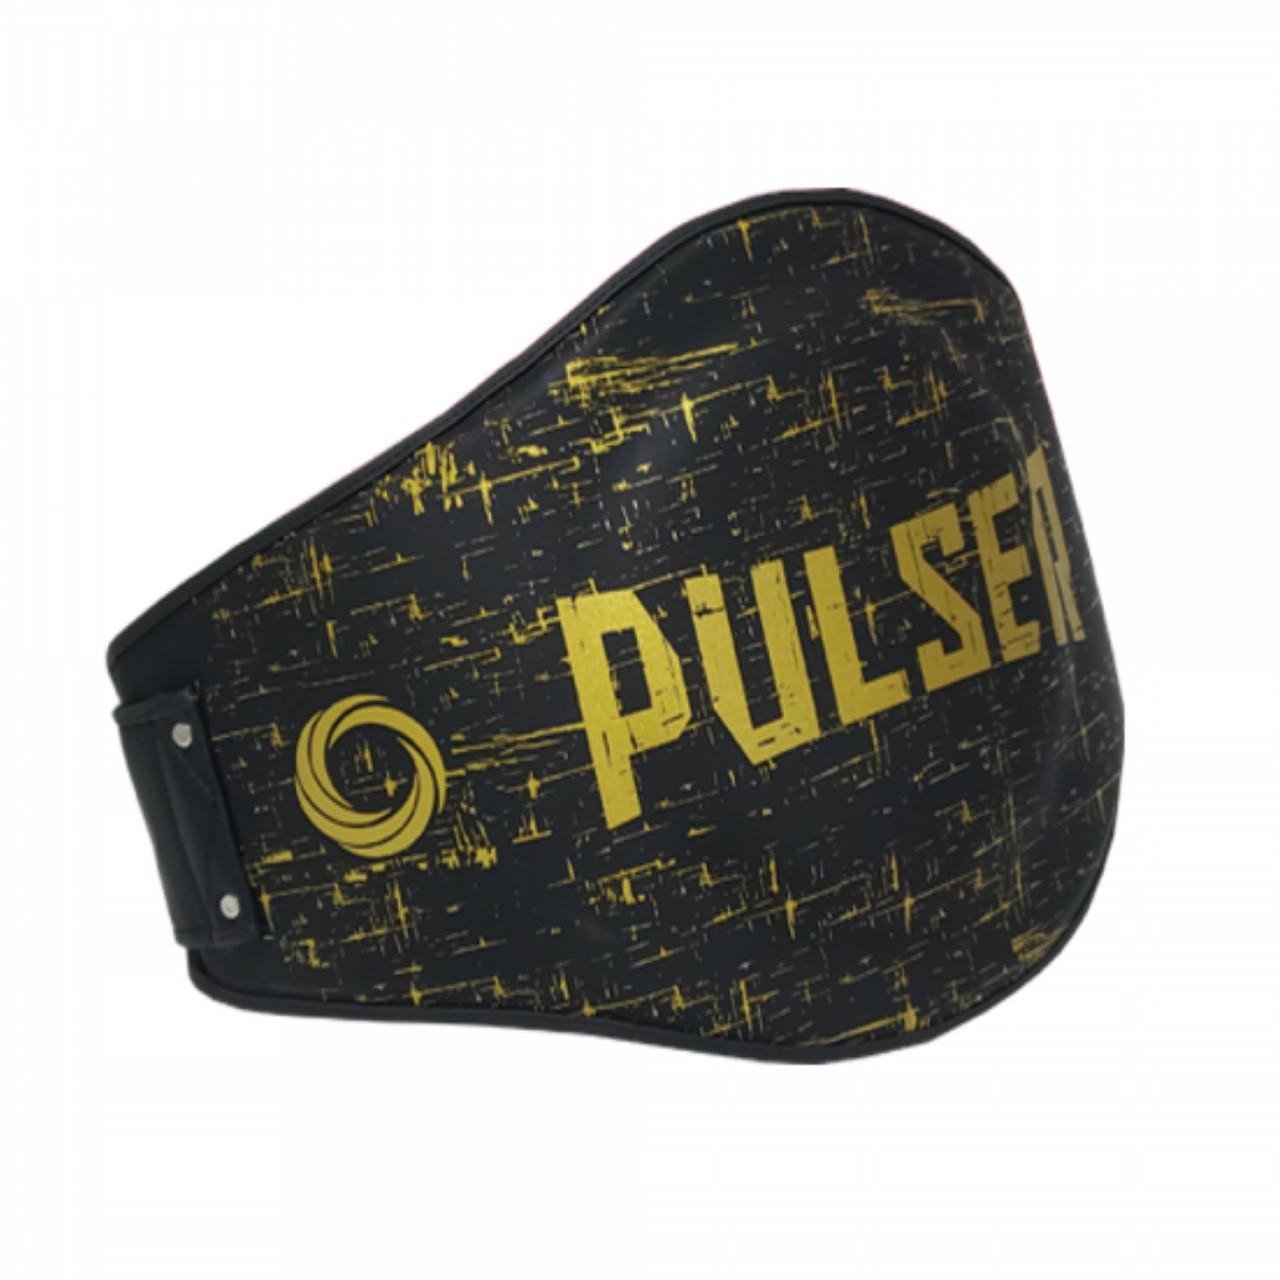 Cinturão para Muay Thai / Boxe Protetor Abdominal - Pulser  - PRALUTA SHOP